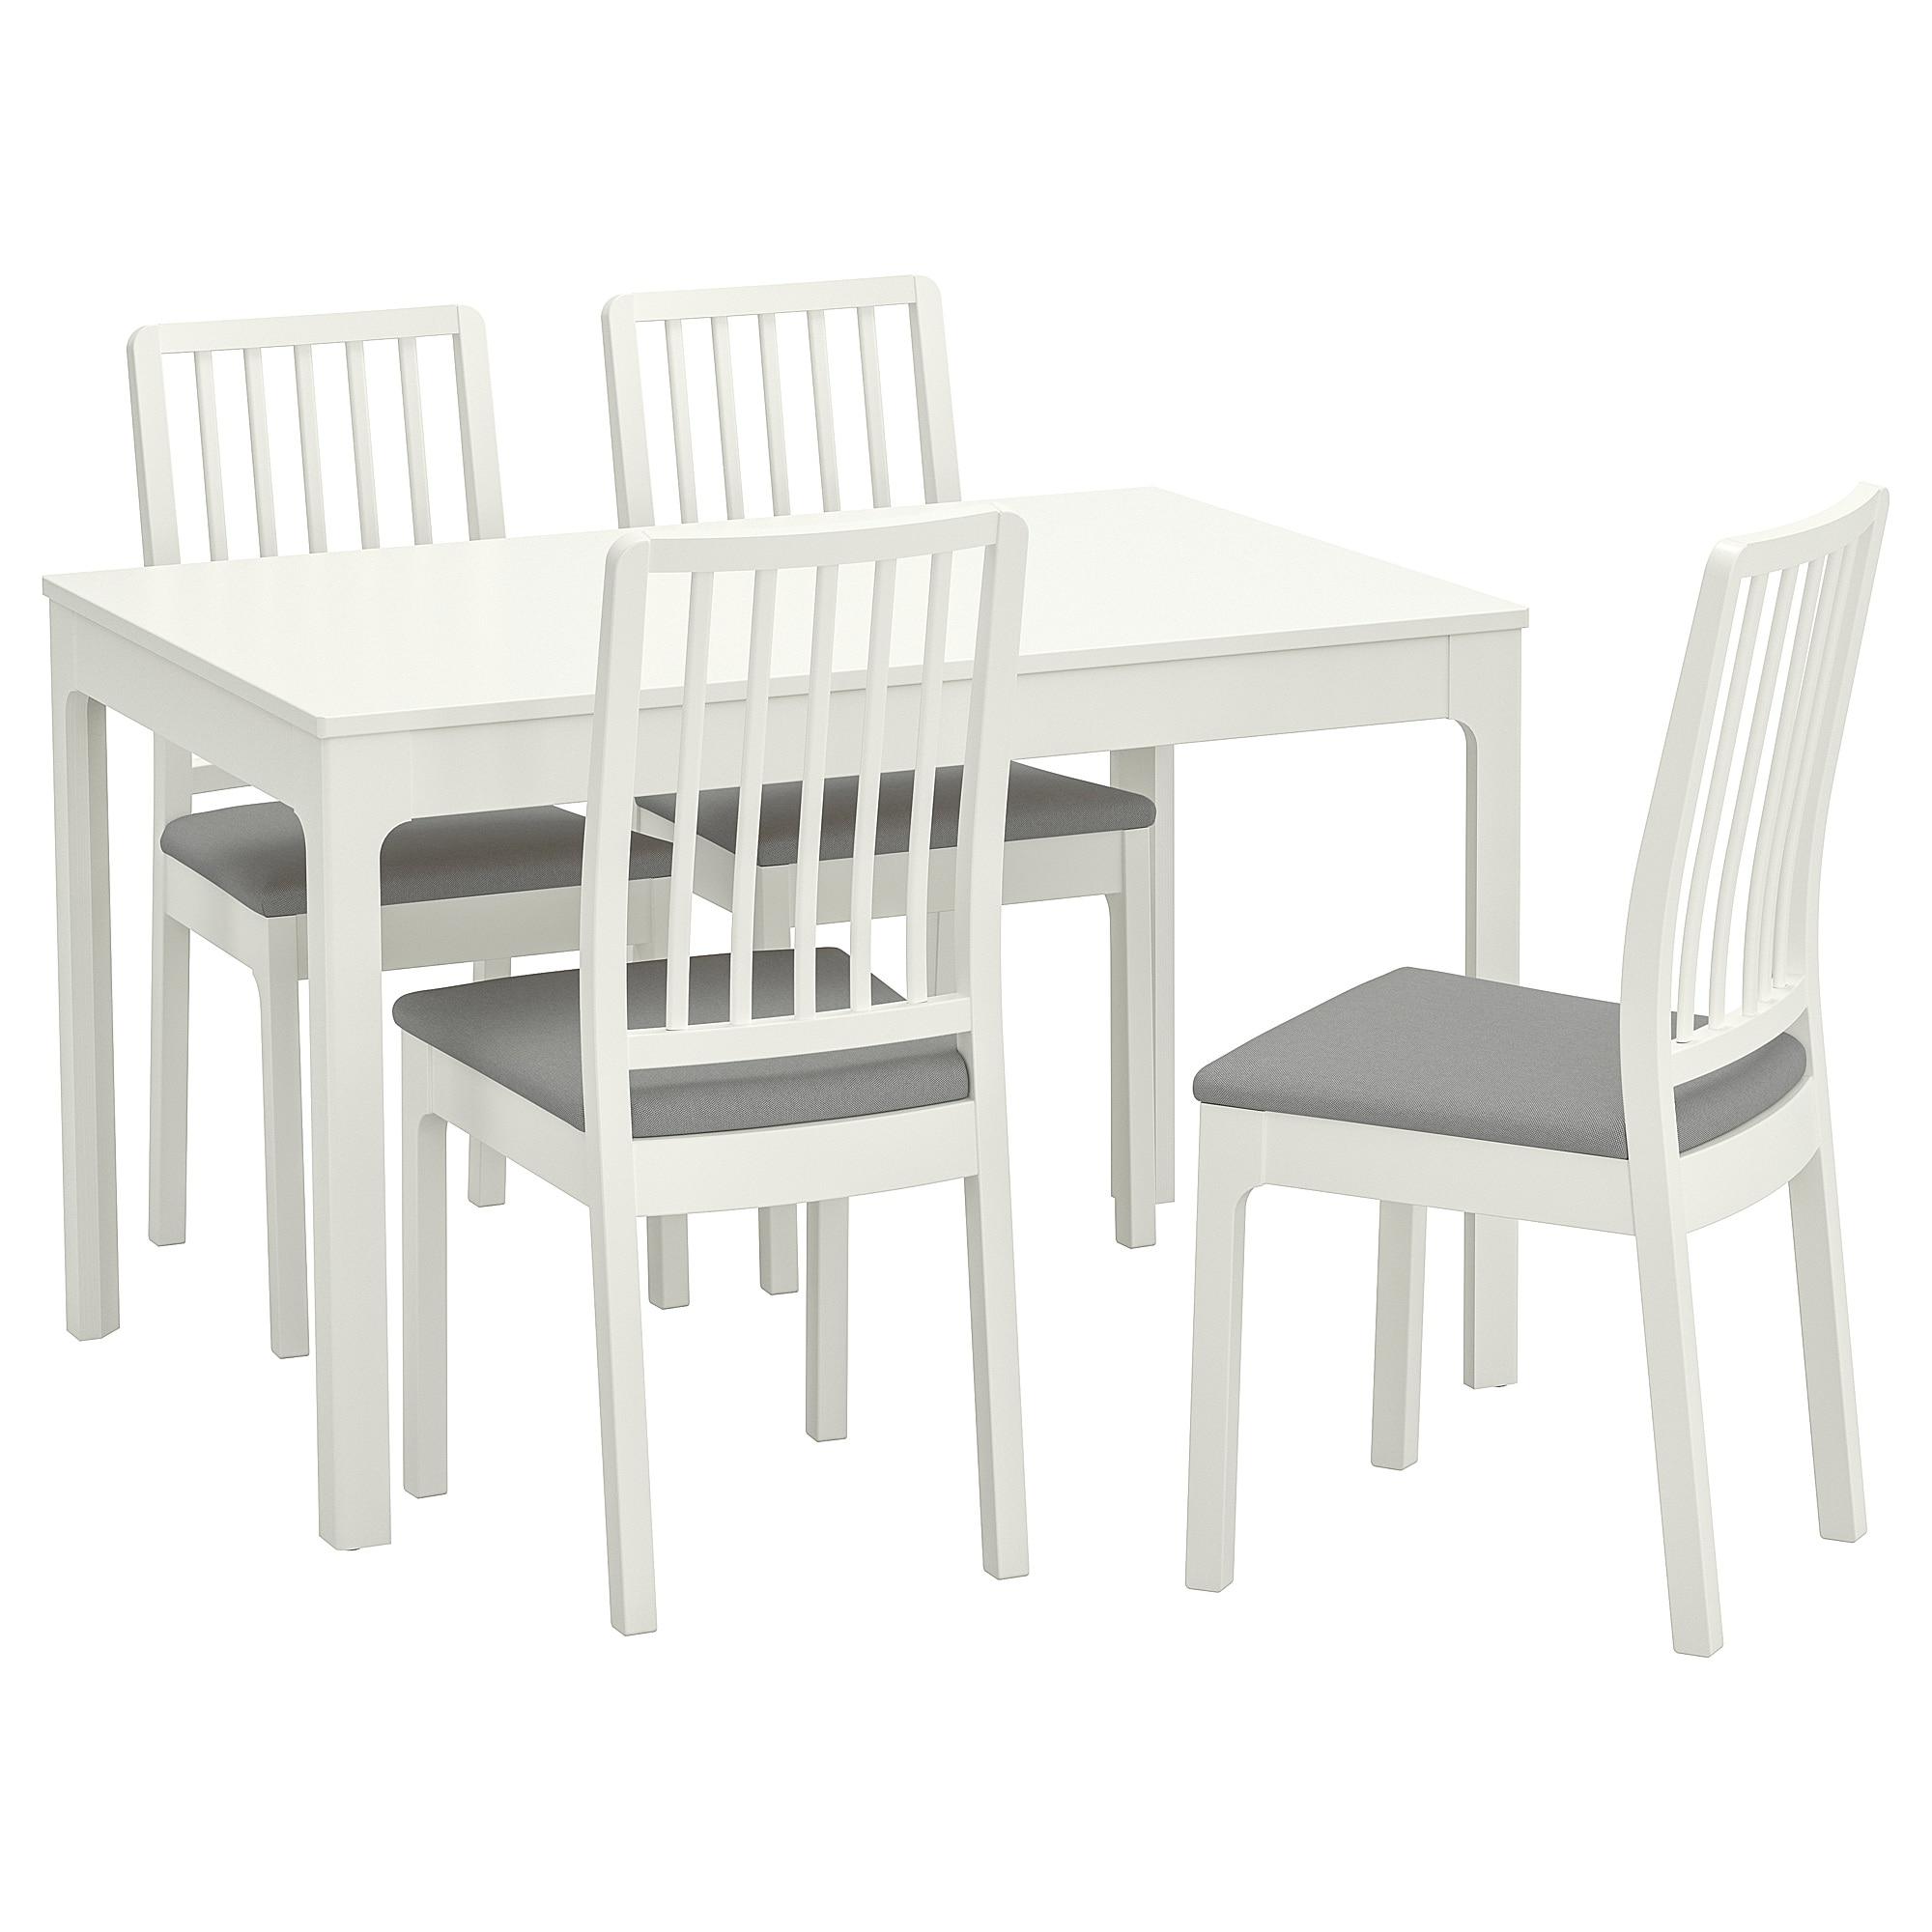 Mesas De Comedor Ikea 87dx Conjuntos De Edor Mesas Y Sillas Pra Online Ikea